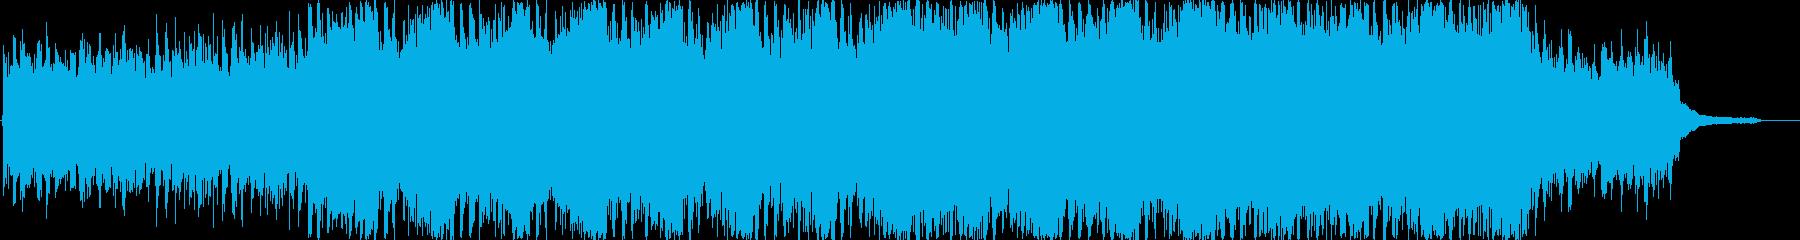 希望に満ちたポジティブな明るい曲 ハーフの再生済みの波形